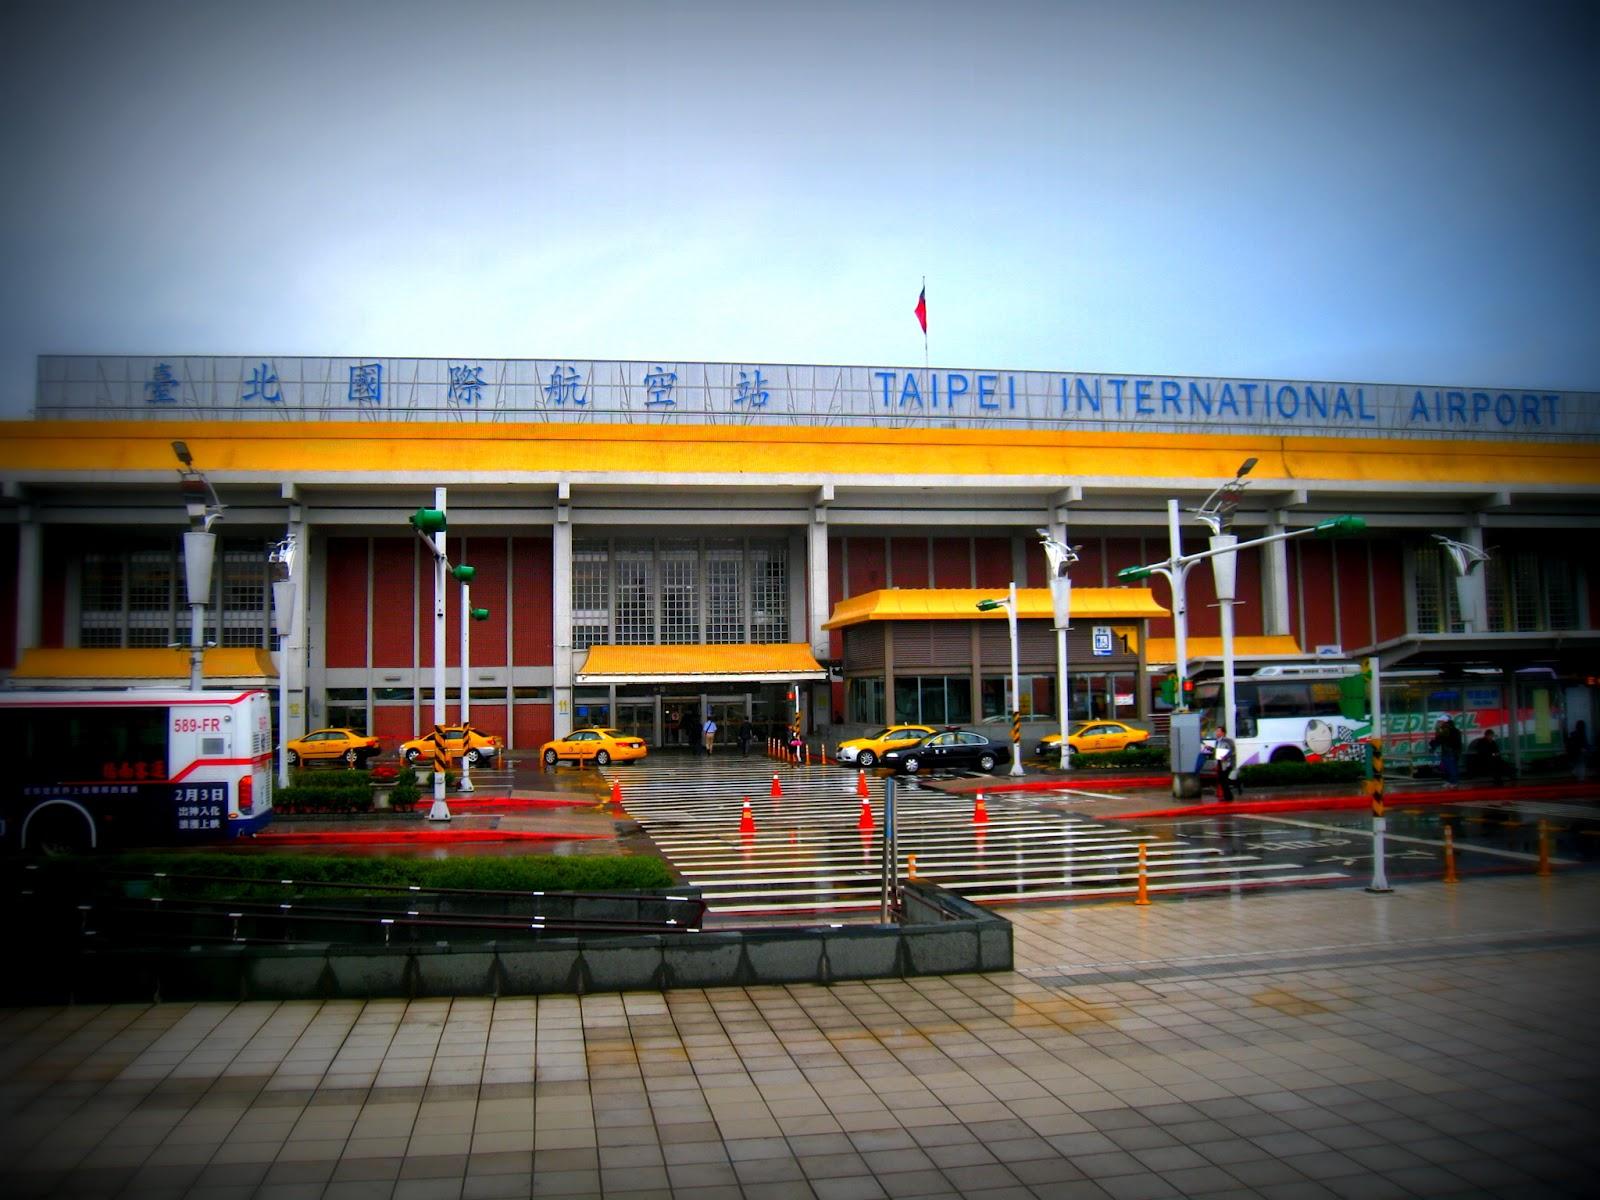 松山機場國際航班|國際|航班- 松山機場國際航班|國際|航班 - 快熱資訊 - 走進時代